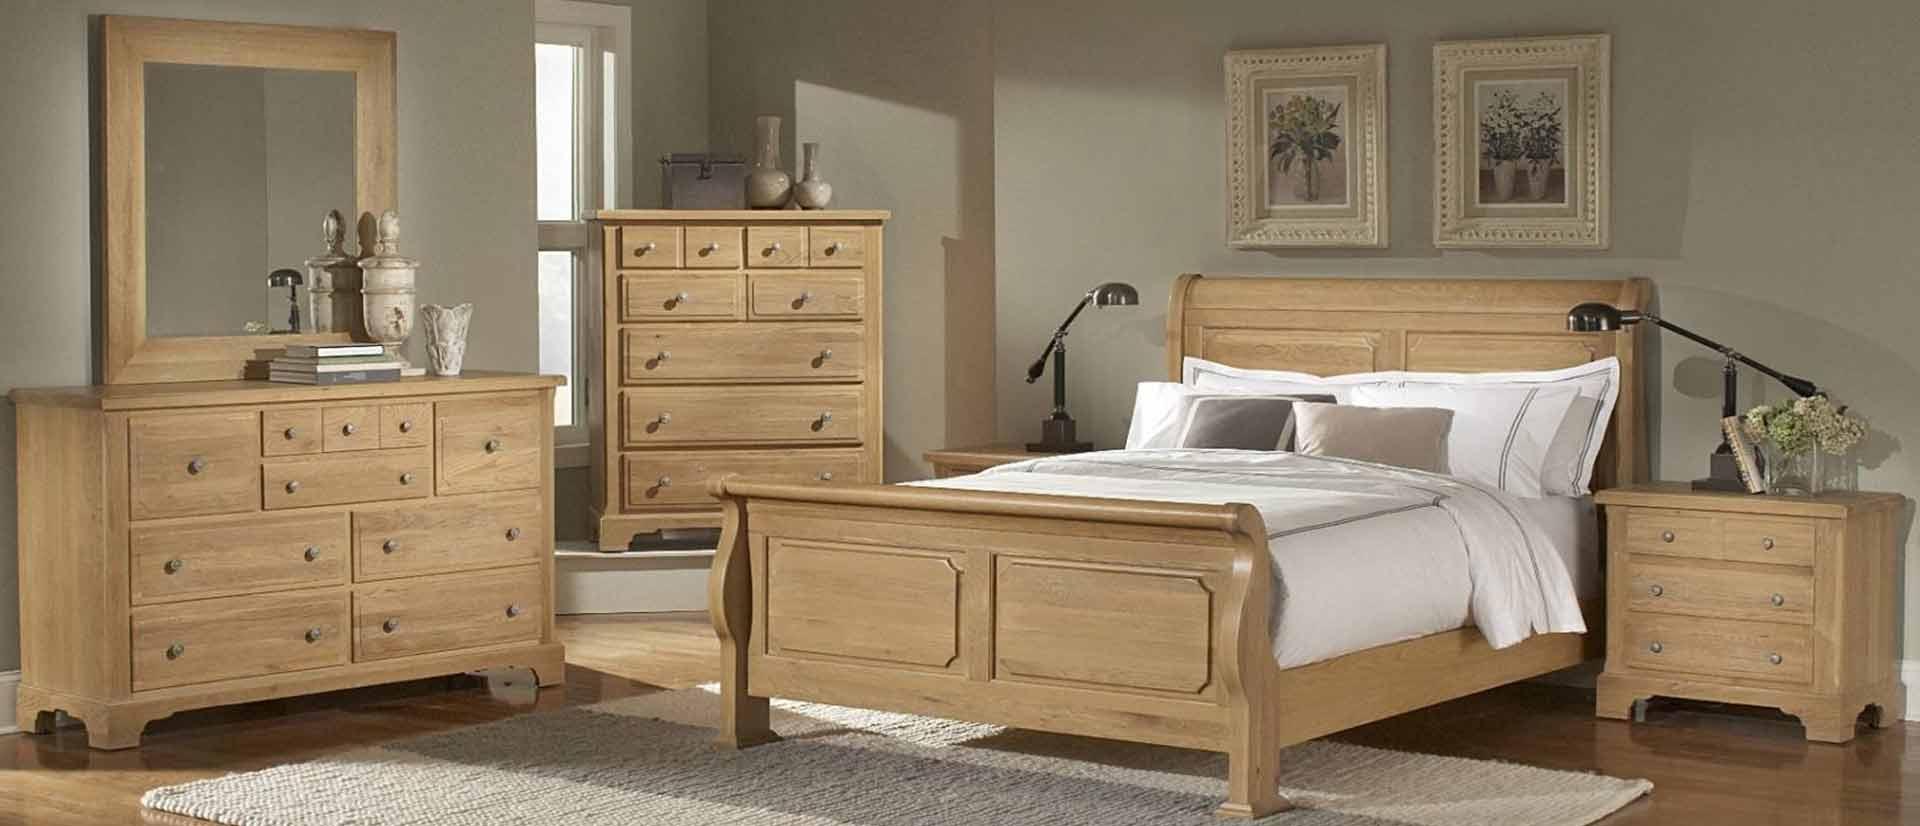 dormitorio de madera marron claro